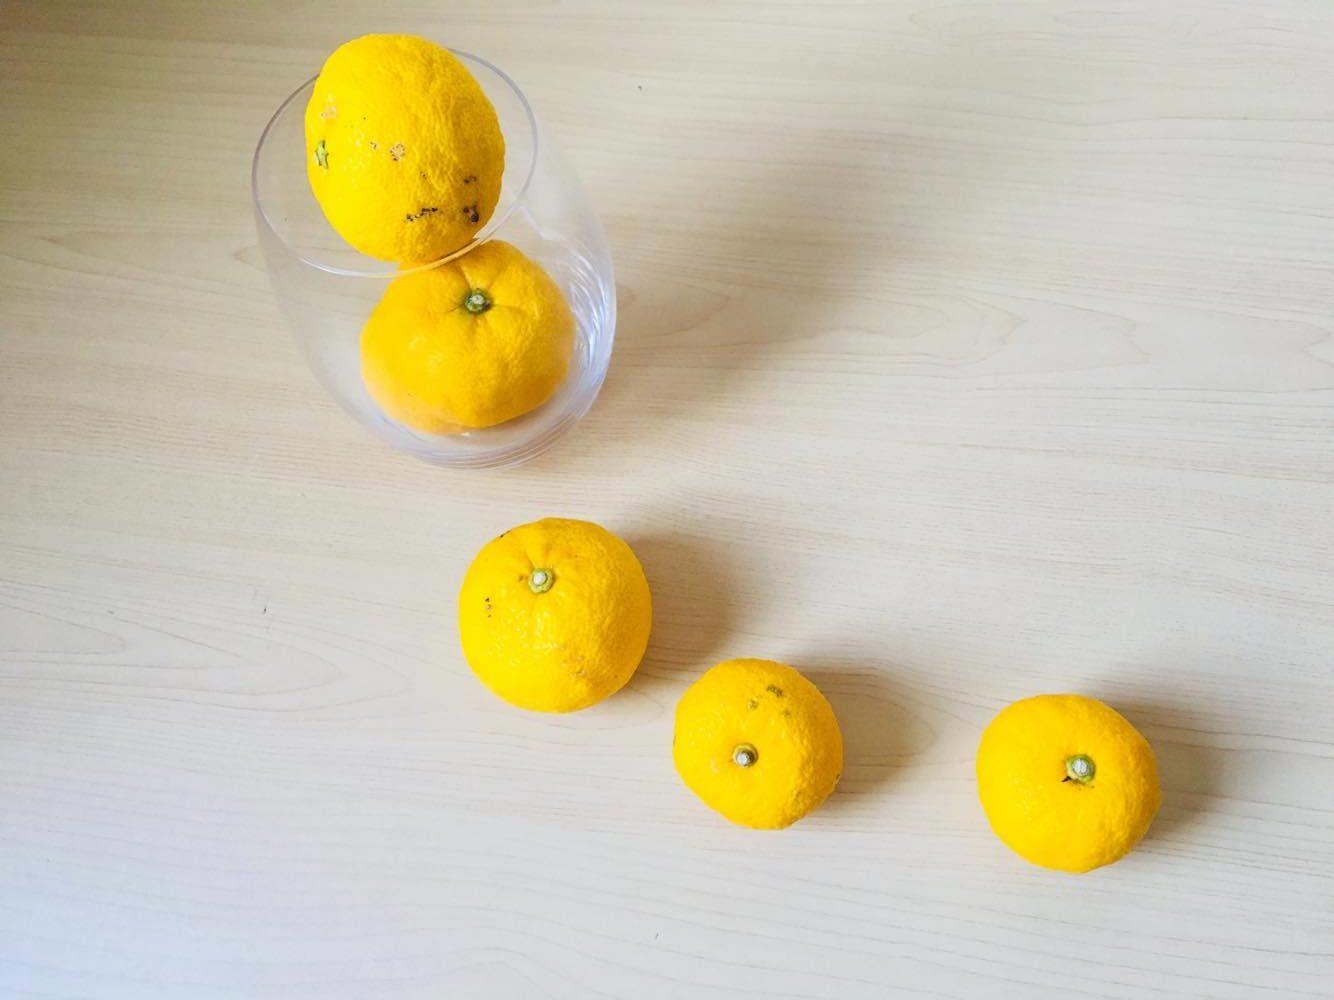 柚子はミカン科ミカン属の常緑小高木で、夏は青い果実の収穫期、晩秋から冬にかけては鮮やかな黄色の香り高い果実の収穫期になります。  柚子は耐暑性に優れているだけでなく、ミカン科の柑橘系では珍しく耐寒性も高いため、北は東北地方まで栽培することが可能なんです。  柚子の特徴として枝には鋭く長い棘がありますが、近年では棘のない品種もでています。  育て方はとても簡単!  プランターでも育てることができるので、お庭だけでなくベランダでも栽培可能な植物です。  ブルーベリーなどと違って、自家結実性の性質から柚子の木1本で実をつけます。  柚子の実は非常に酸味が強く、他の柑橘系の果物に比べて生食には向きませんが、調味料やジャムなどに使われます。  実の部分だけでなく、柚子の皮の部分を刻んで料理に添えるだけで、風味がよく出る優れた食材です。  また、強い香りで邪を払うということから厄除けの植物として、冬至の柚子湯には欠かせない存在です。